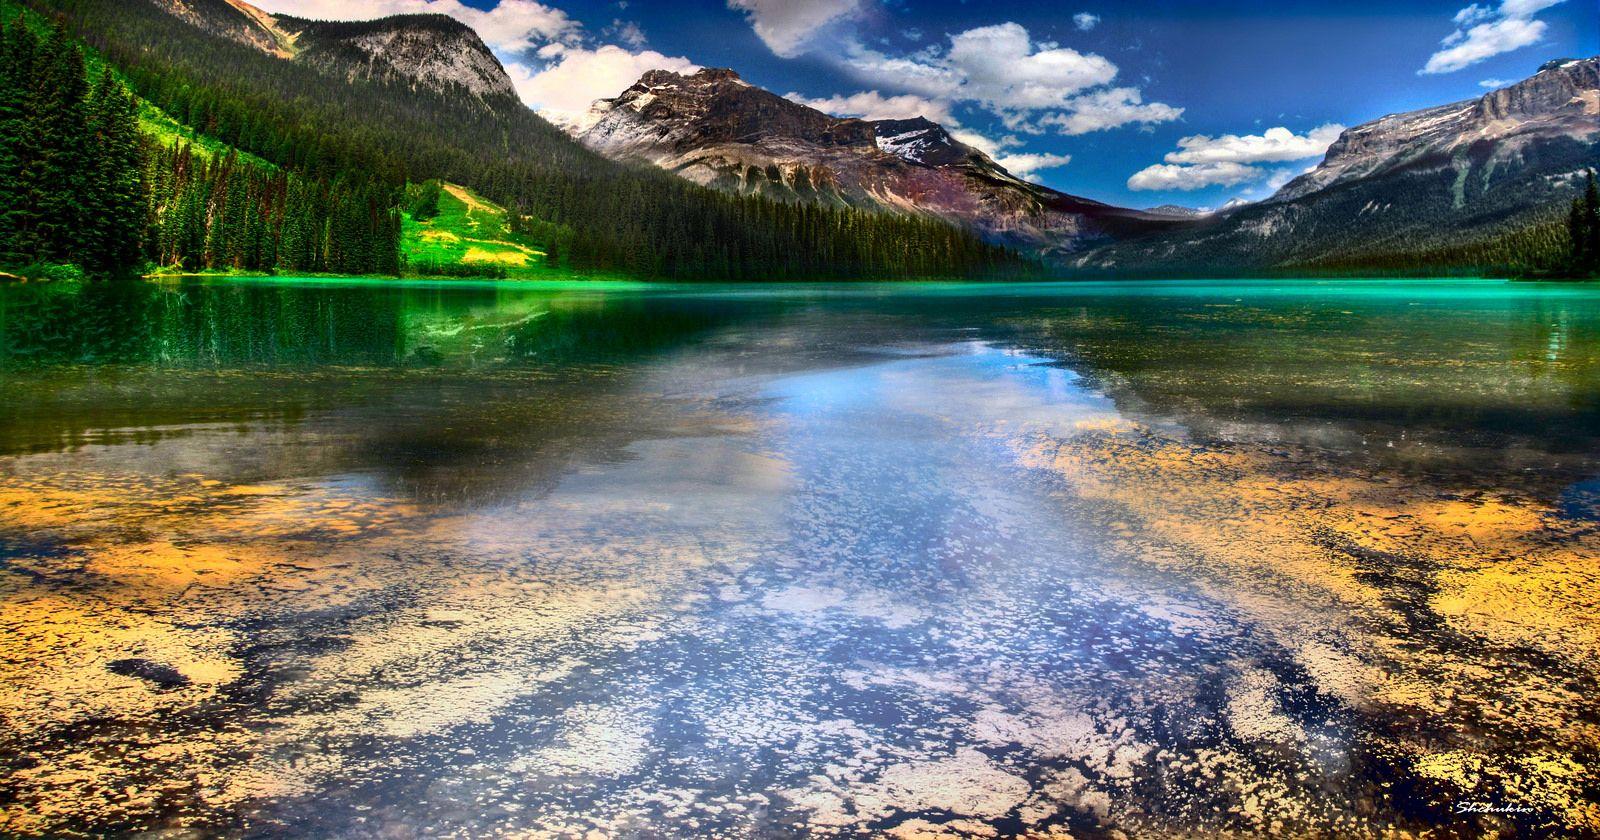 Emerald Lake, British Colombia, Canada